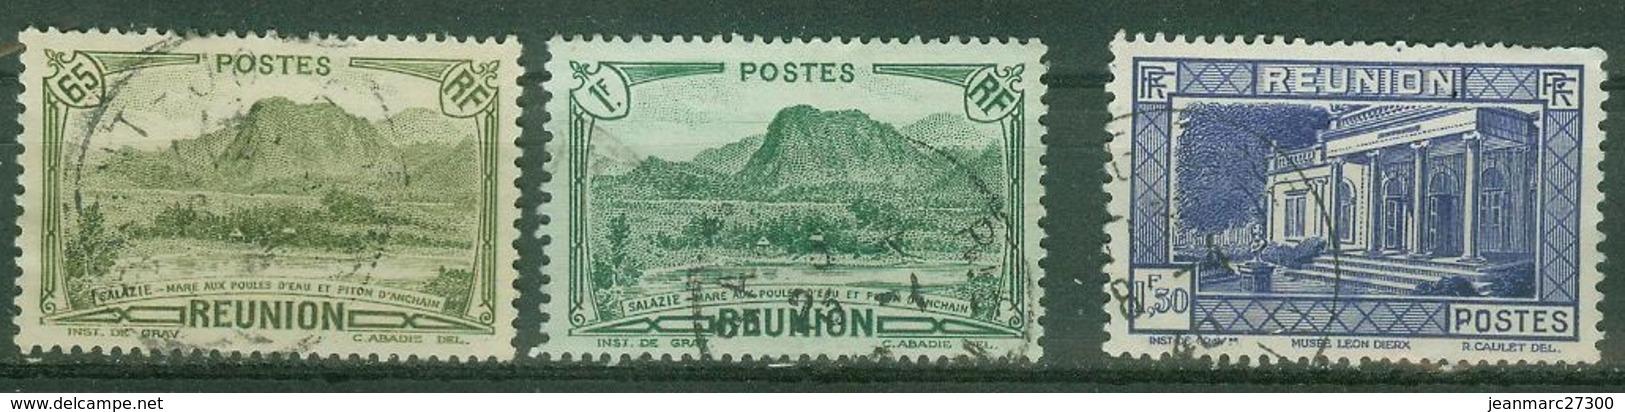 FRANCE COLONIES - Réunion  Poste YT N° 137 140 142 Oblitérés - Oblitérés